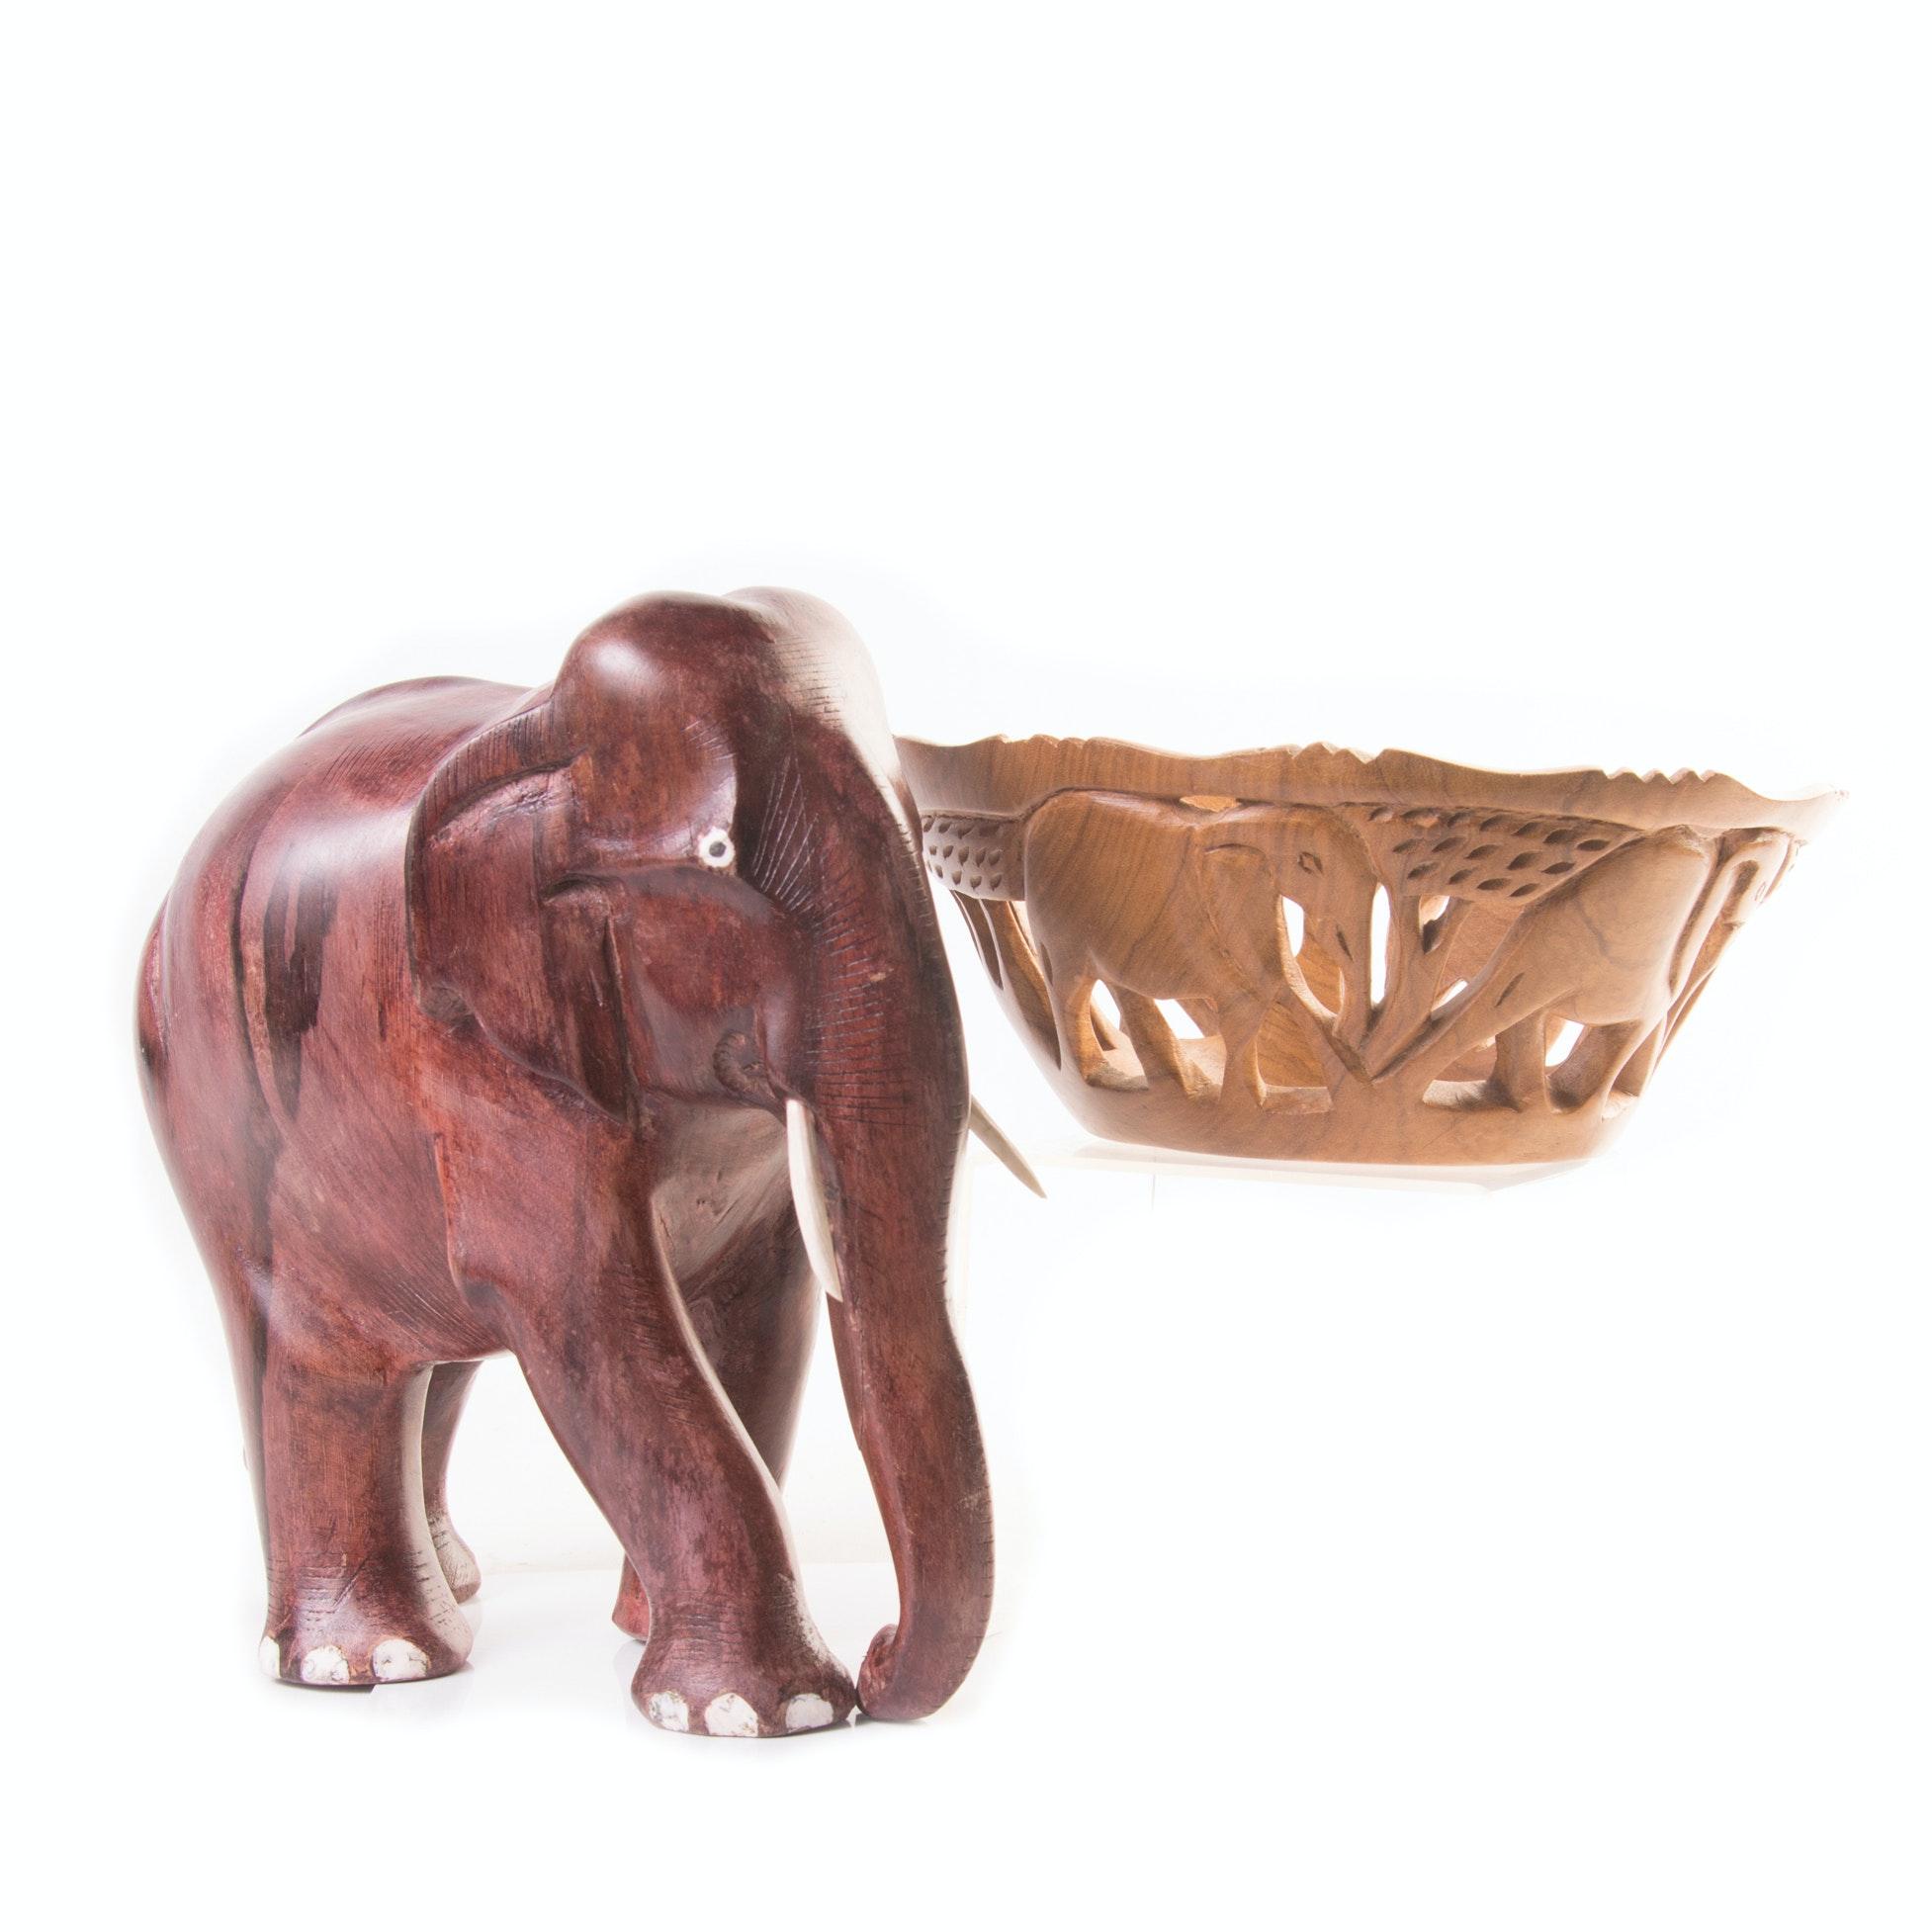 Teak Elephant Decor